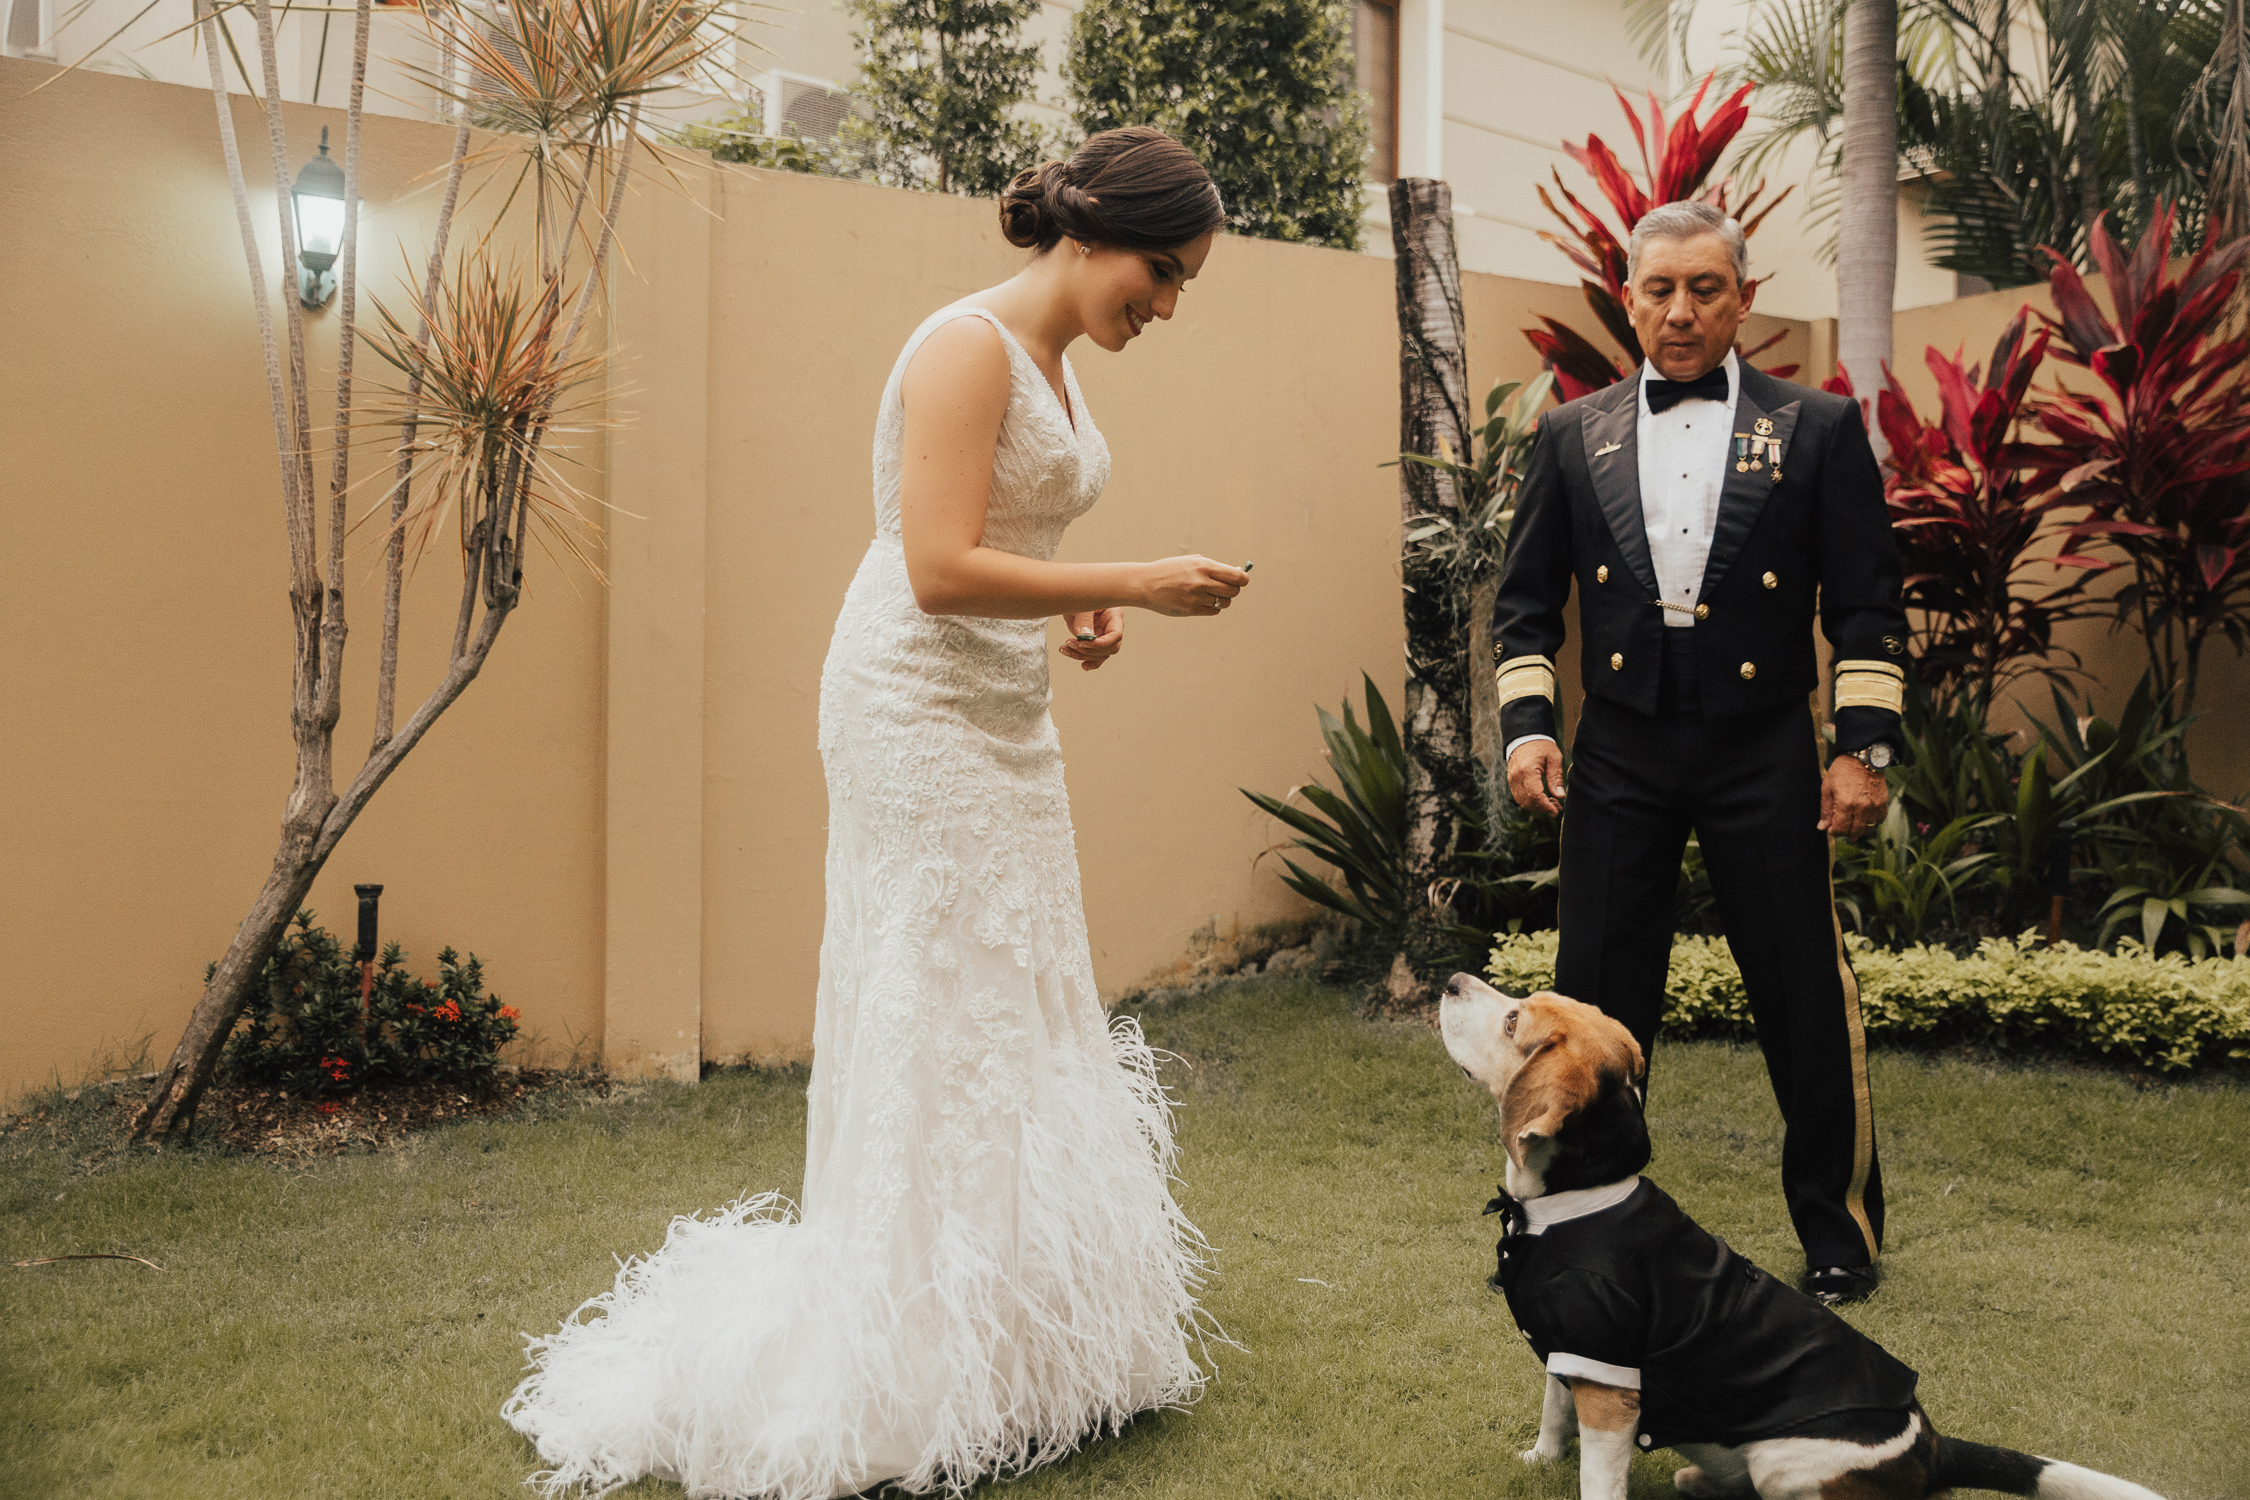 Michelle-Agurto-Fotografia-Bodas-Ecuador-Destination-Wedding-Photographer-Ecuador-Mercedes-Alvaro-27.JPG